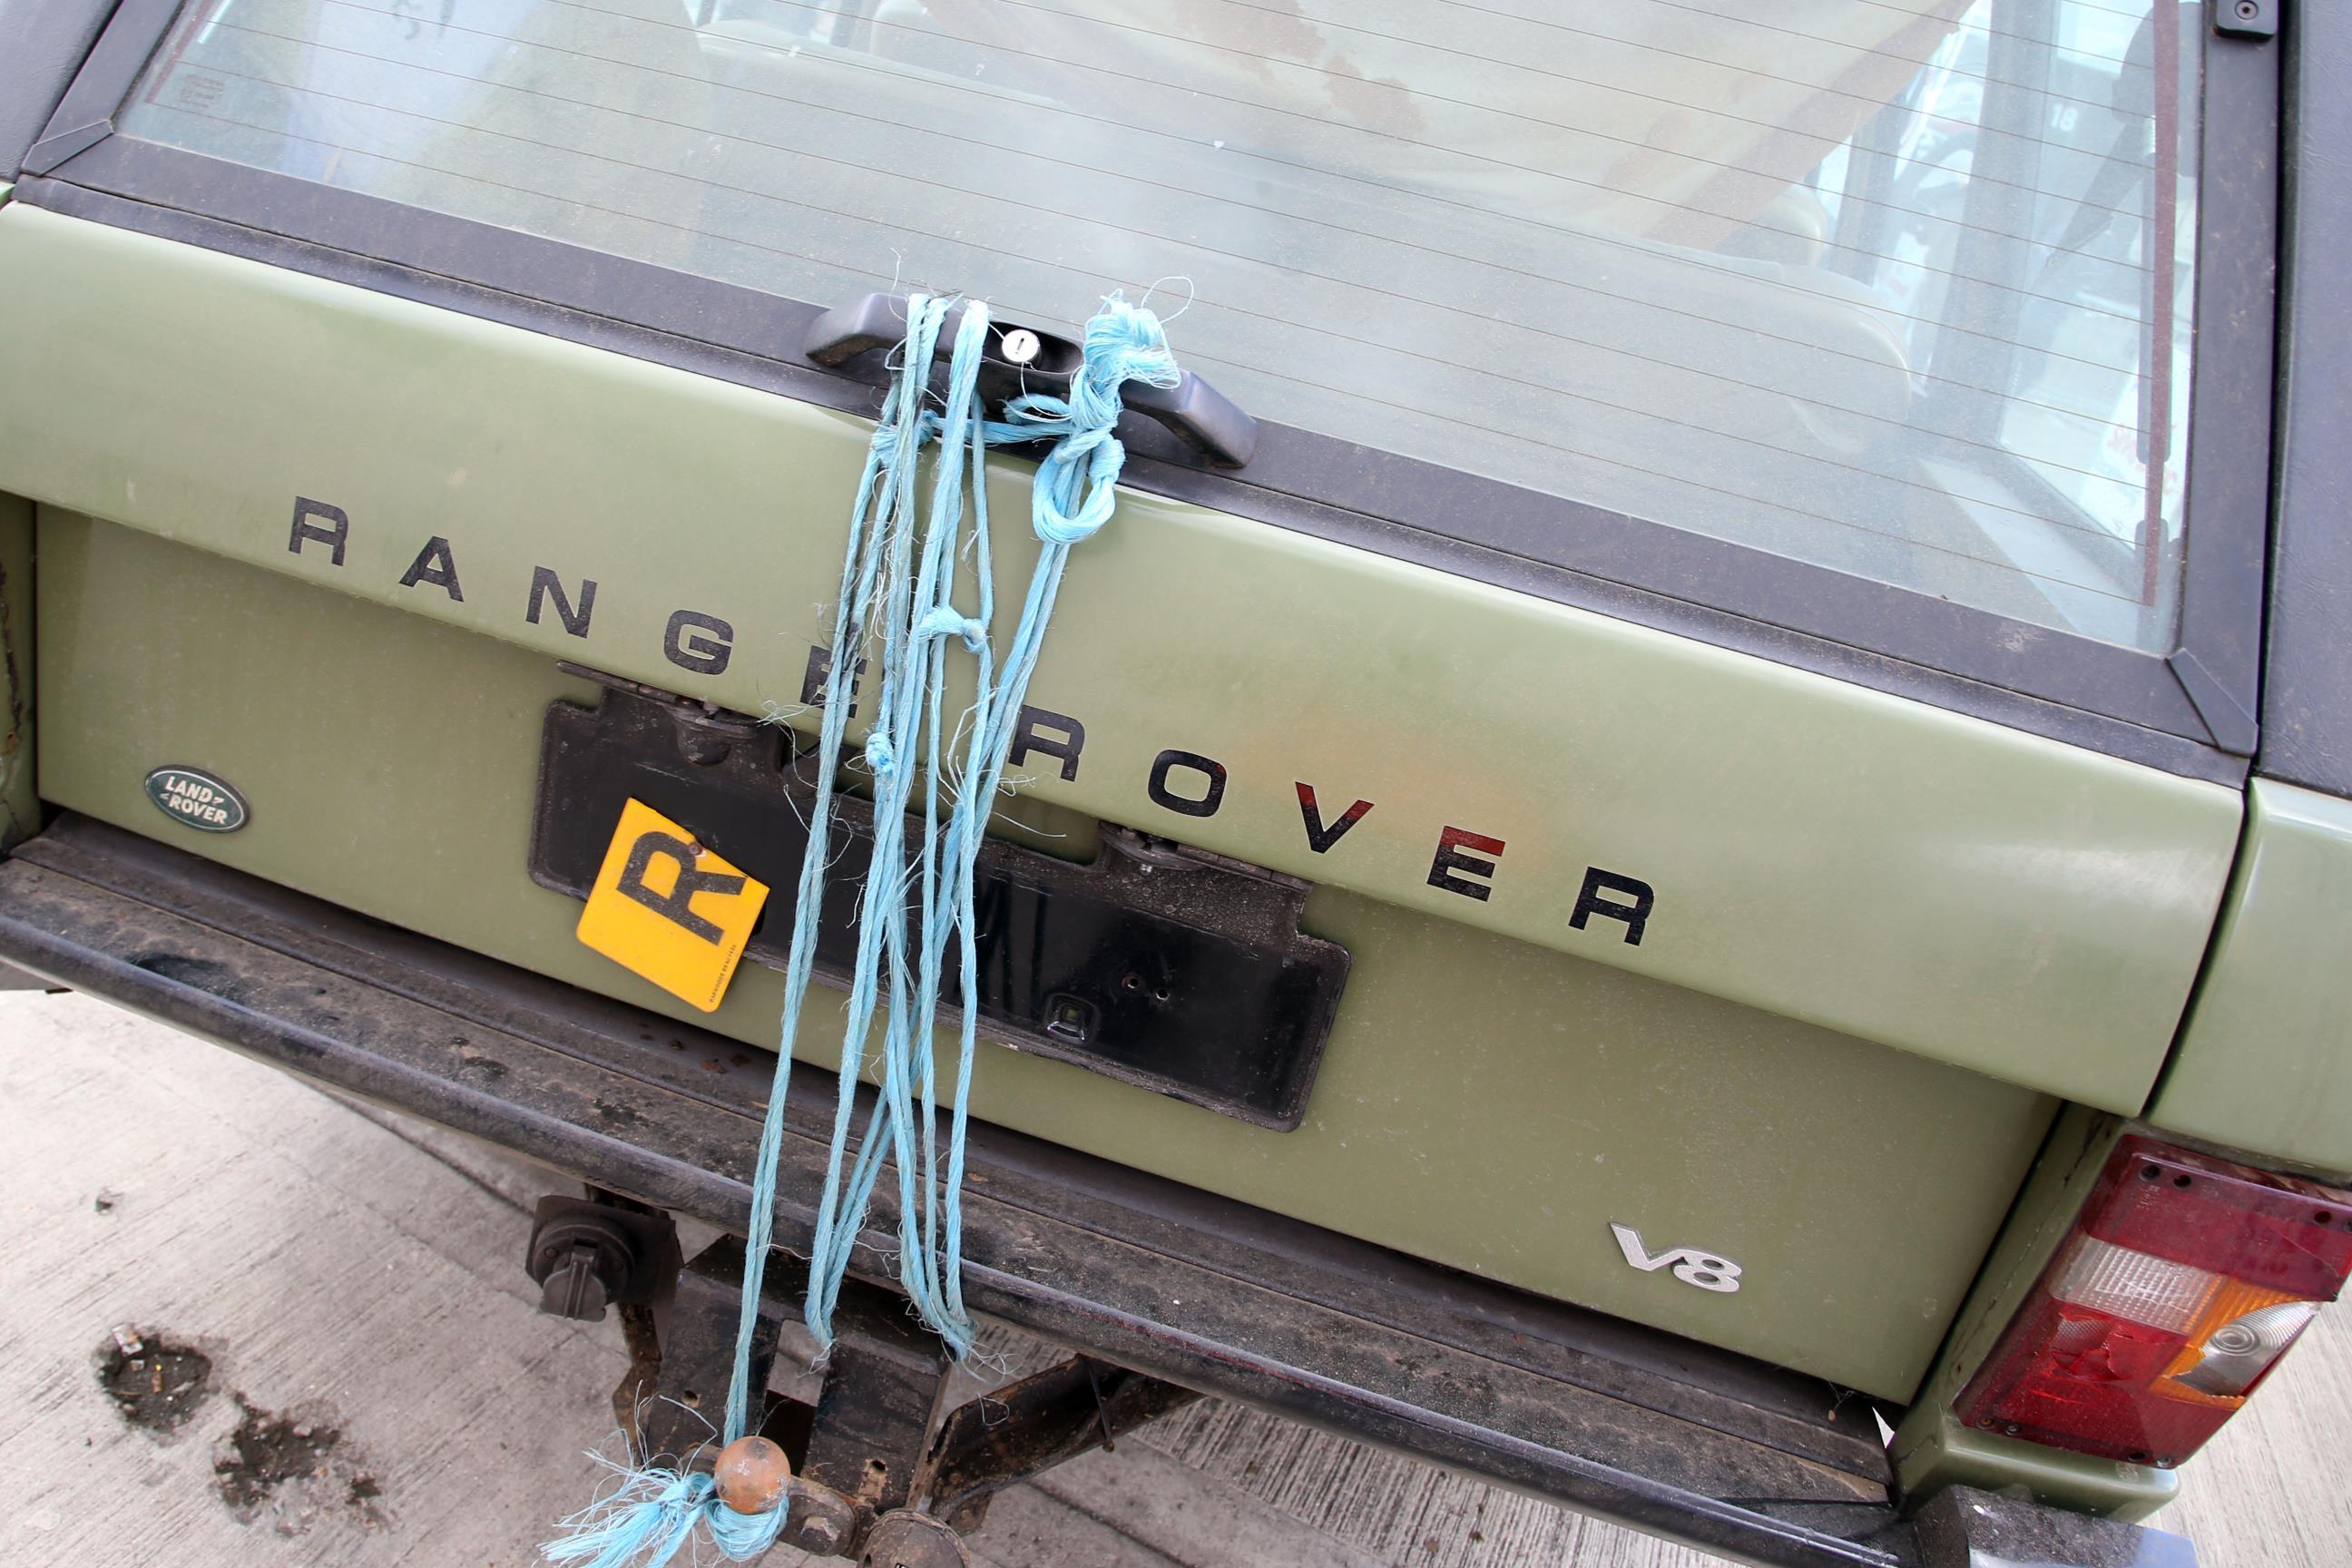 military com rover landrover photos land defender ebay